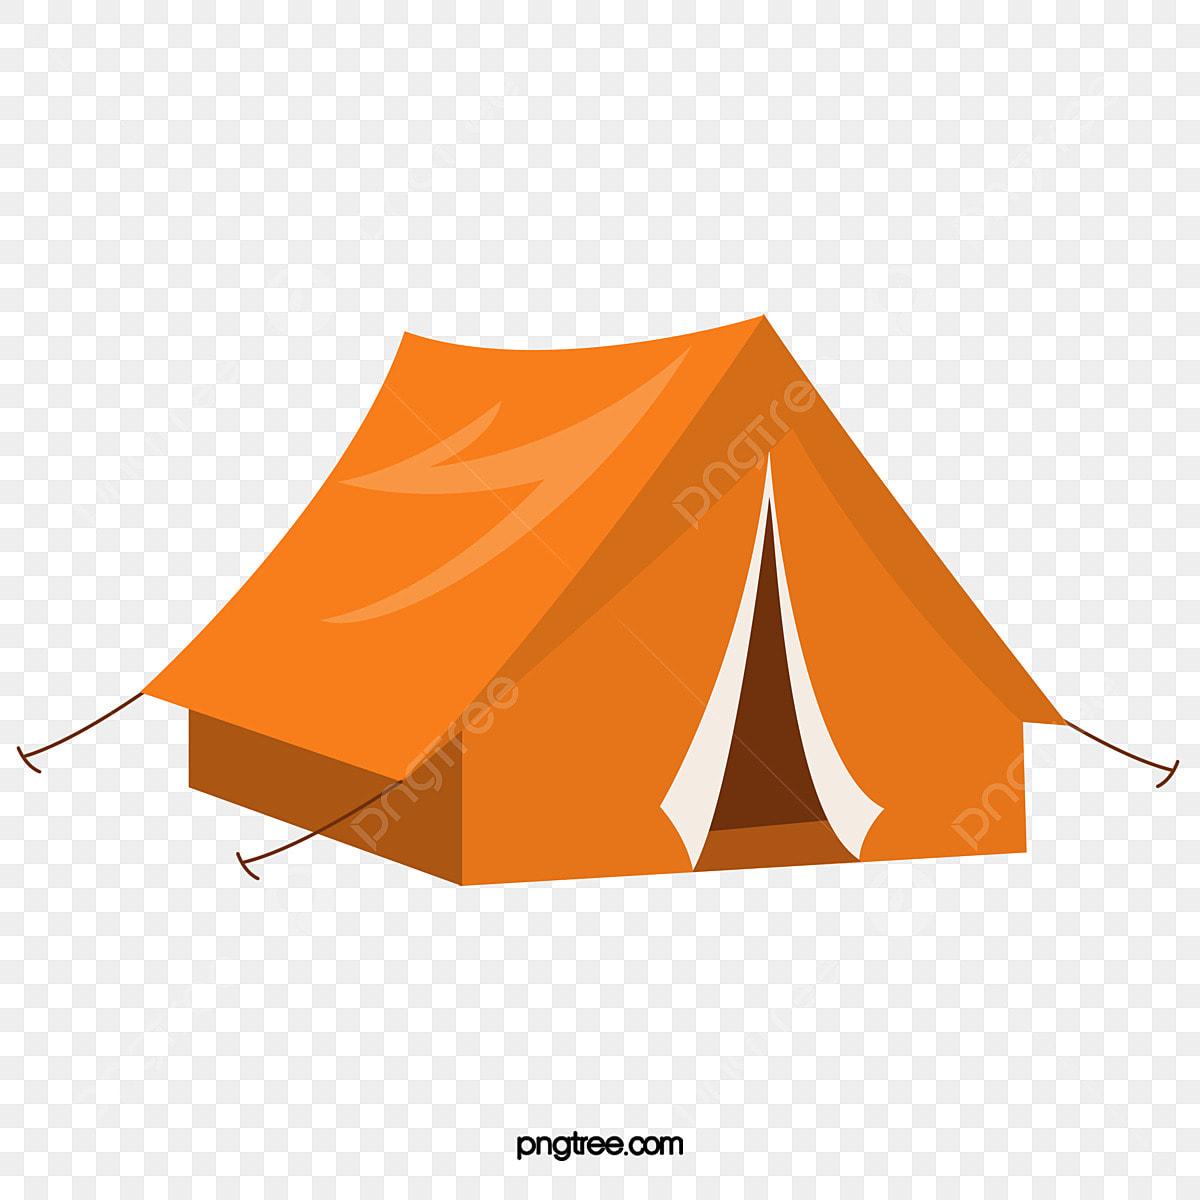 Camping Lagerfeuer clipart - camp Feuerwerk material frei zu ziehen png  herunterladen - 669*750 - Kostenlos transparent Still Life Fotografie png  Herunterladen.